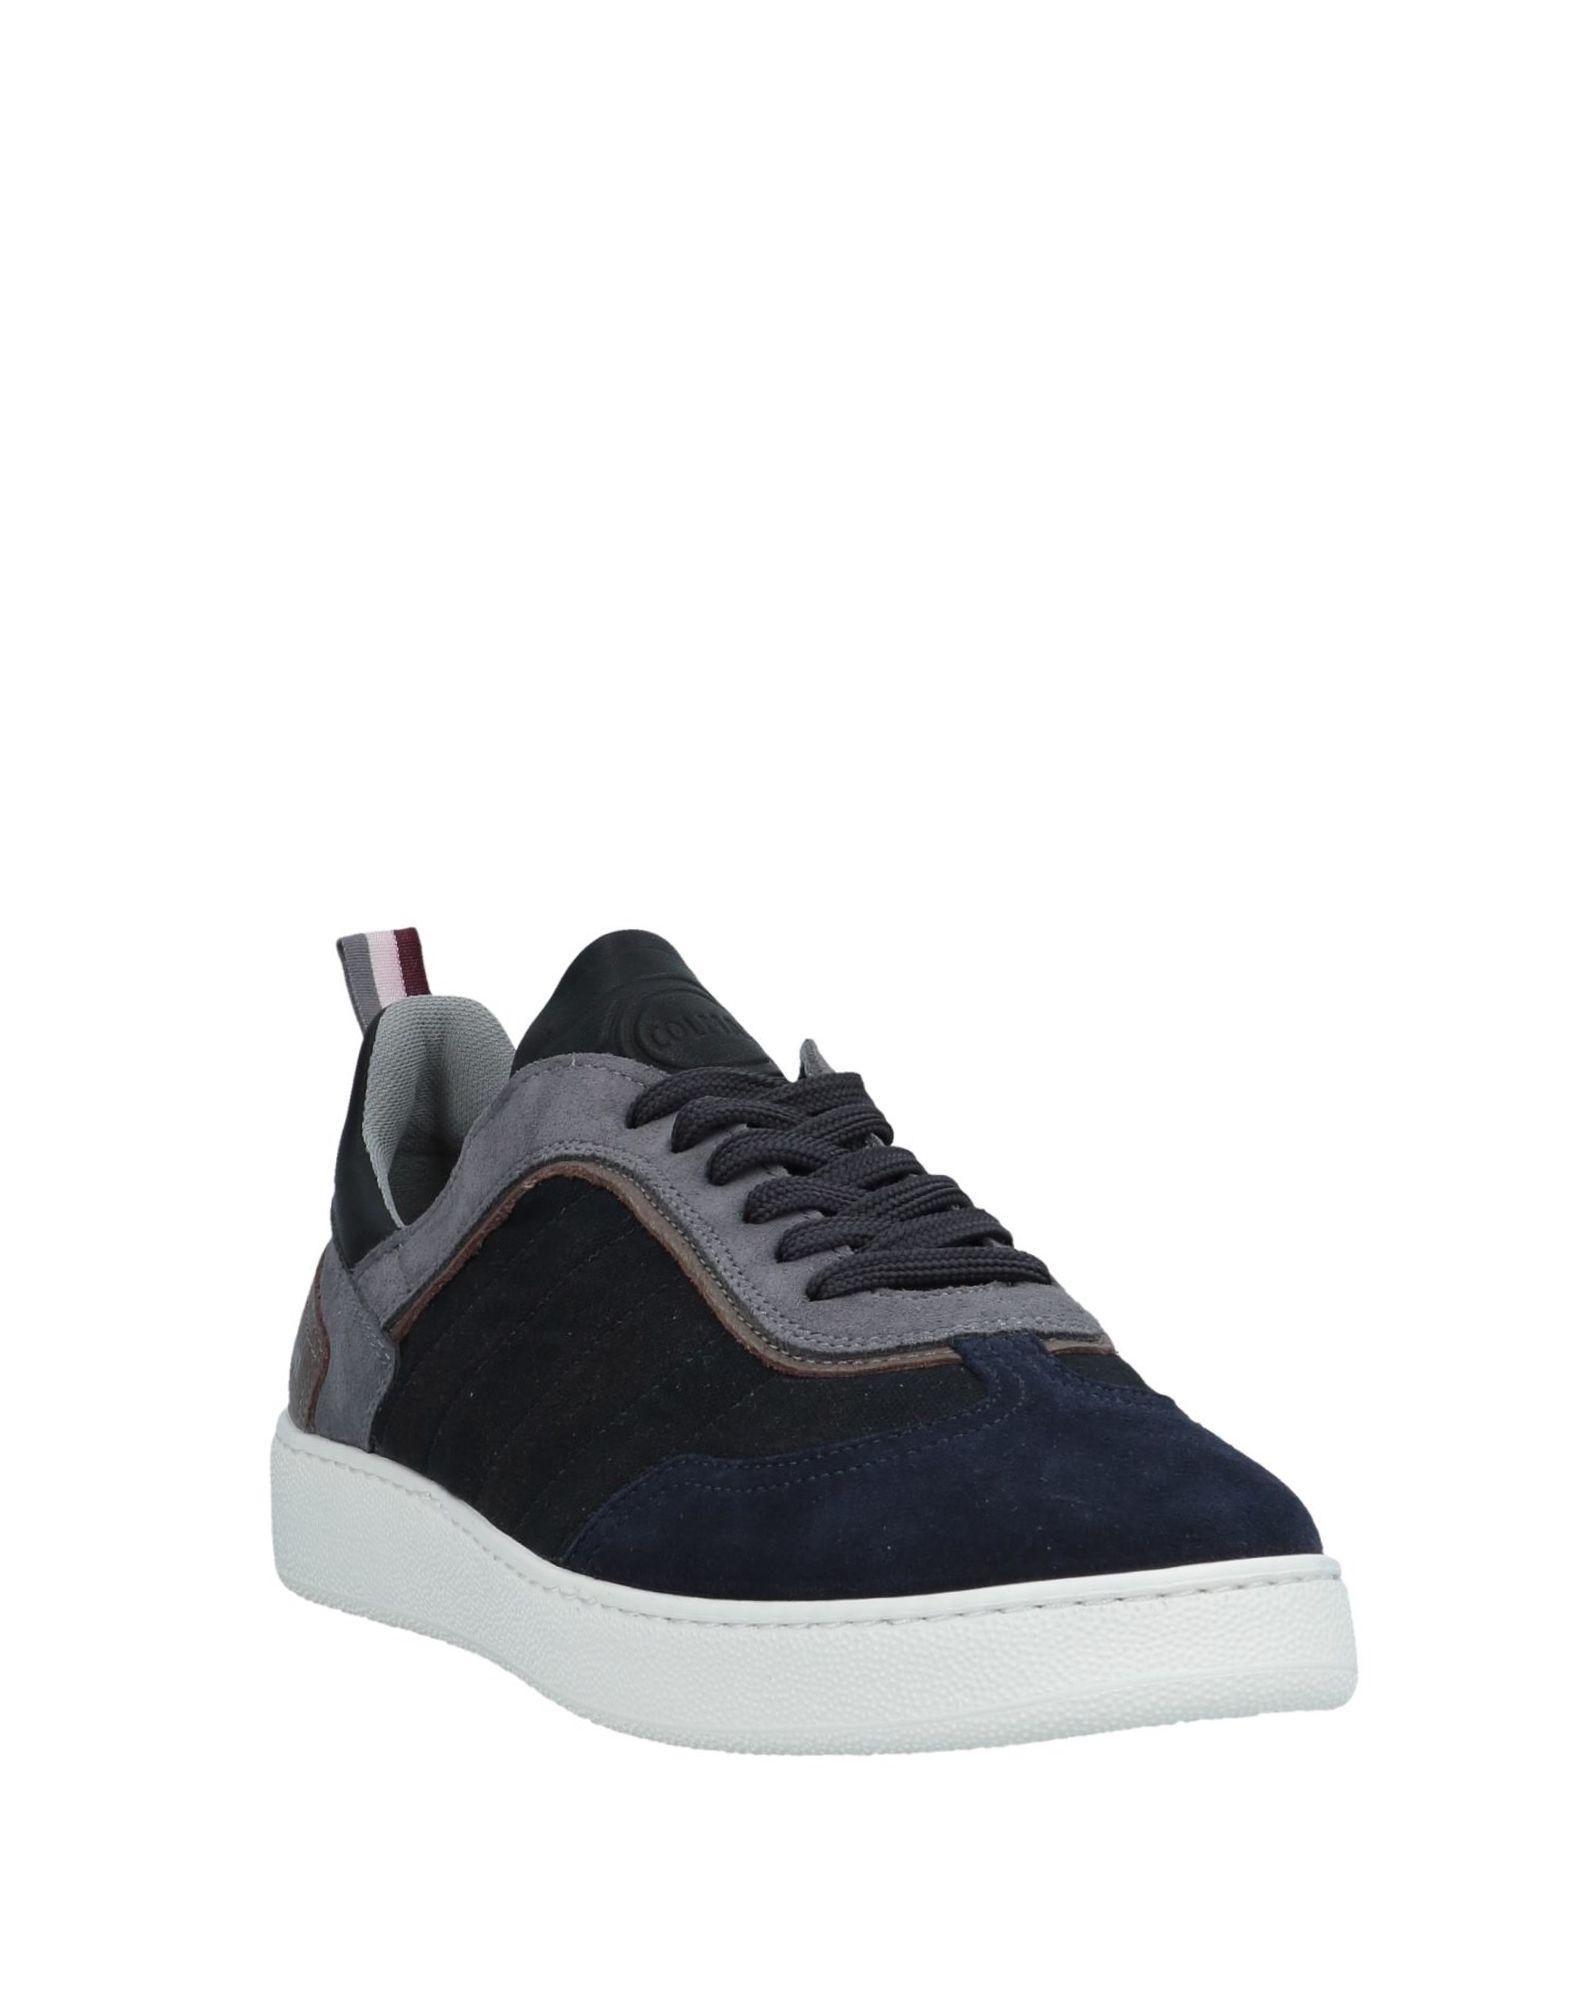 Rabatt echte  Schuhe Colmar Sneakers Herren  echte 11552485XC d1c59d